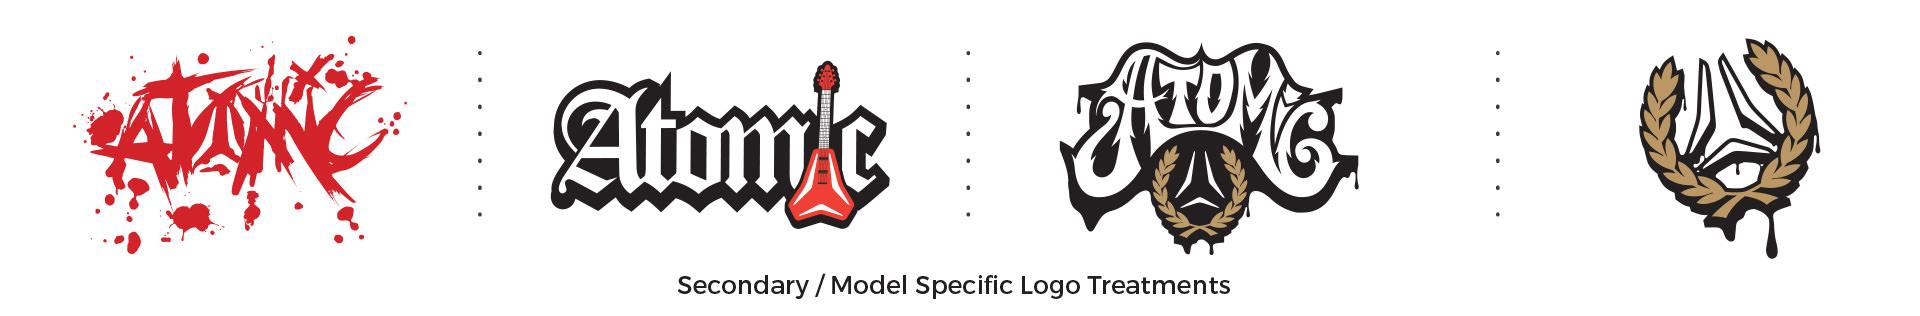 Atomic Line Logos